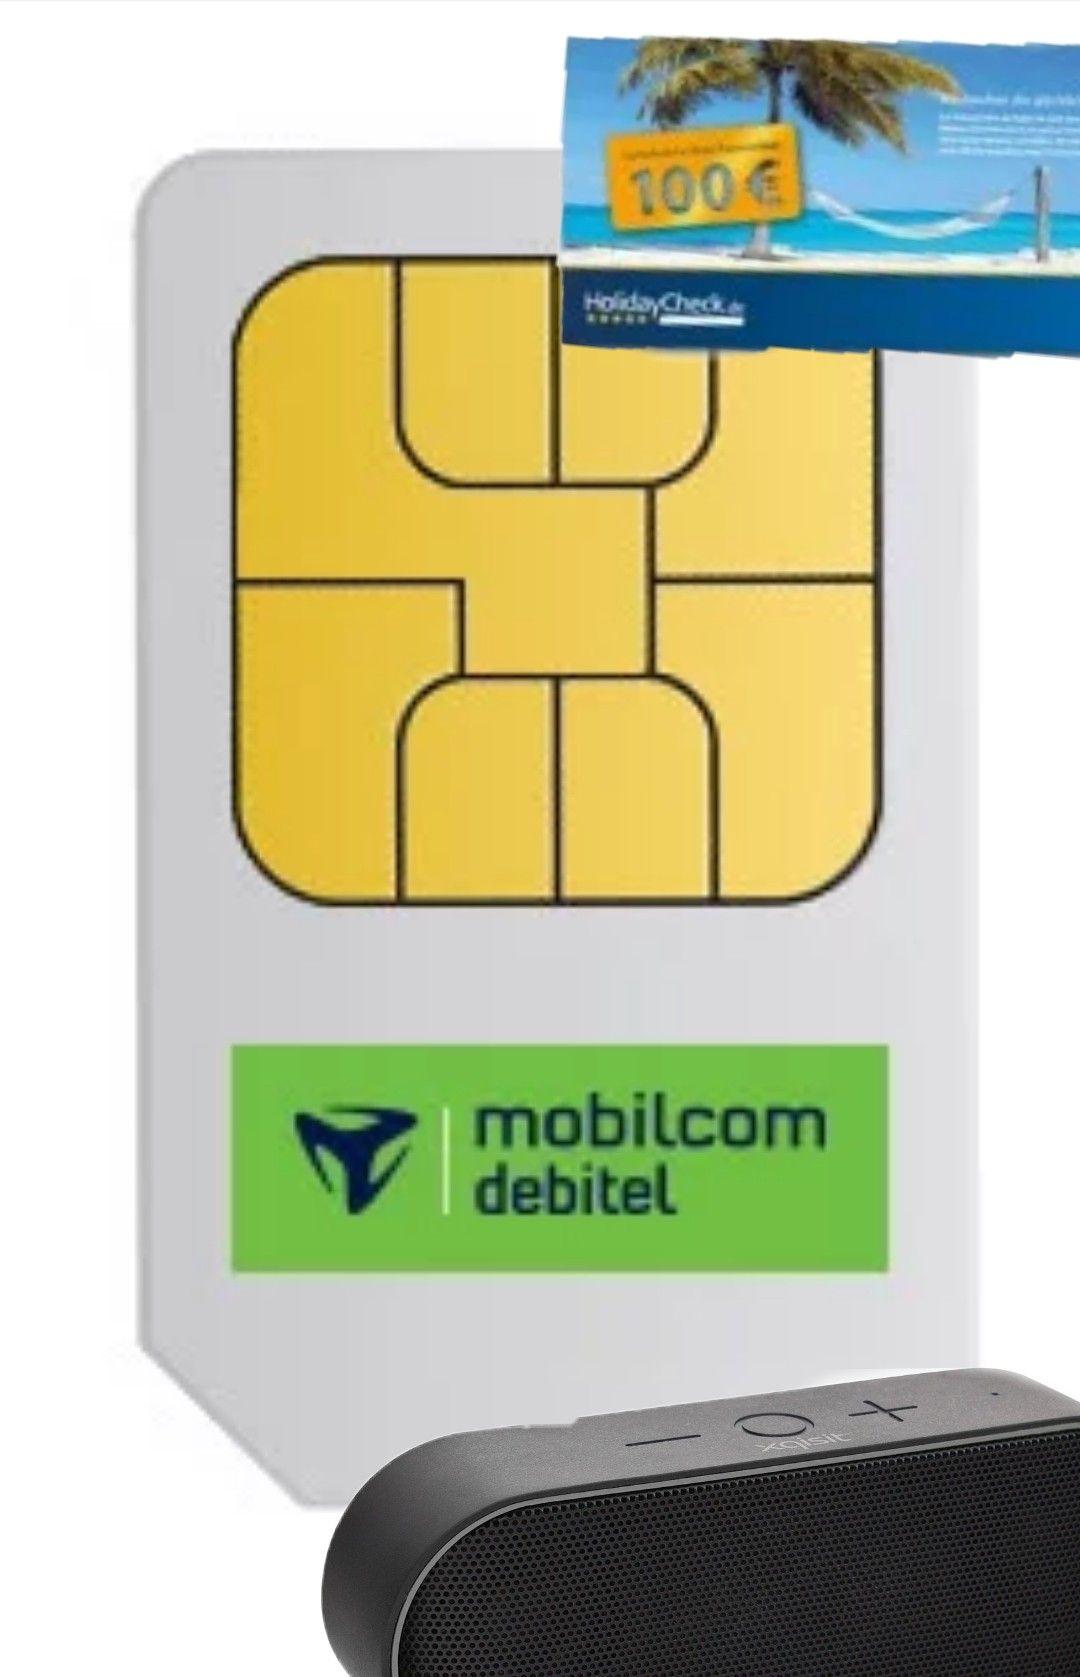 [MD] Telefónica Smart Surf (1GB LTE) + 100€ Holiday Check Gutschein